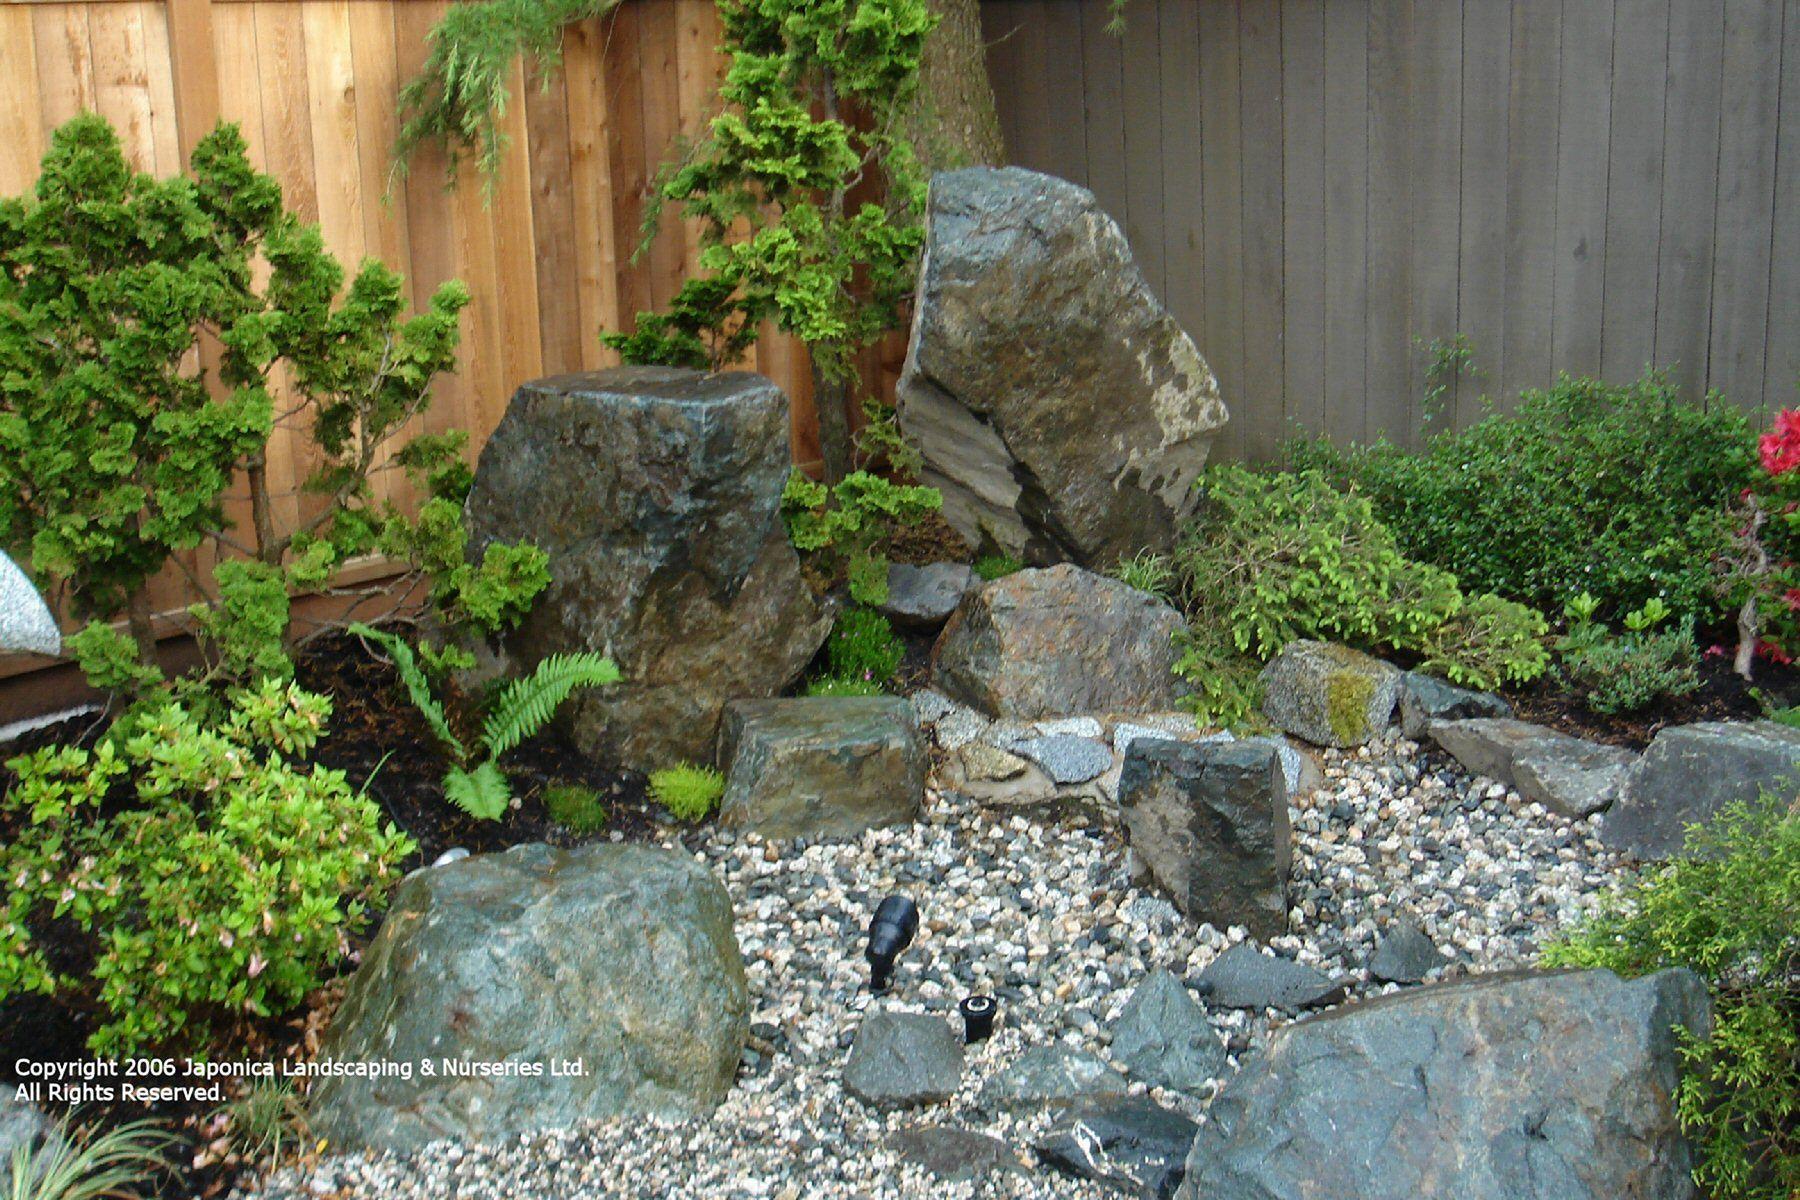 55 The Rock Garden Design Ideas For Exciting Garden Freshouz Com Landscaping With Rocks Rock Garden Design Rock Garden